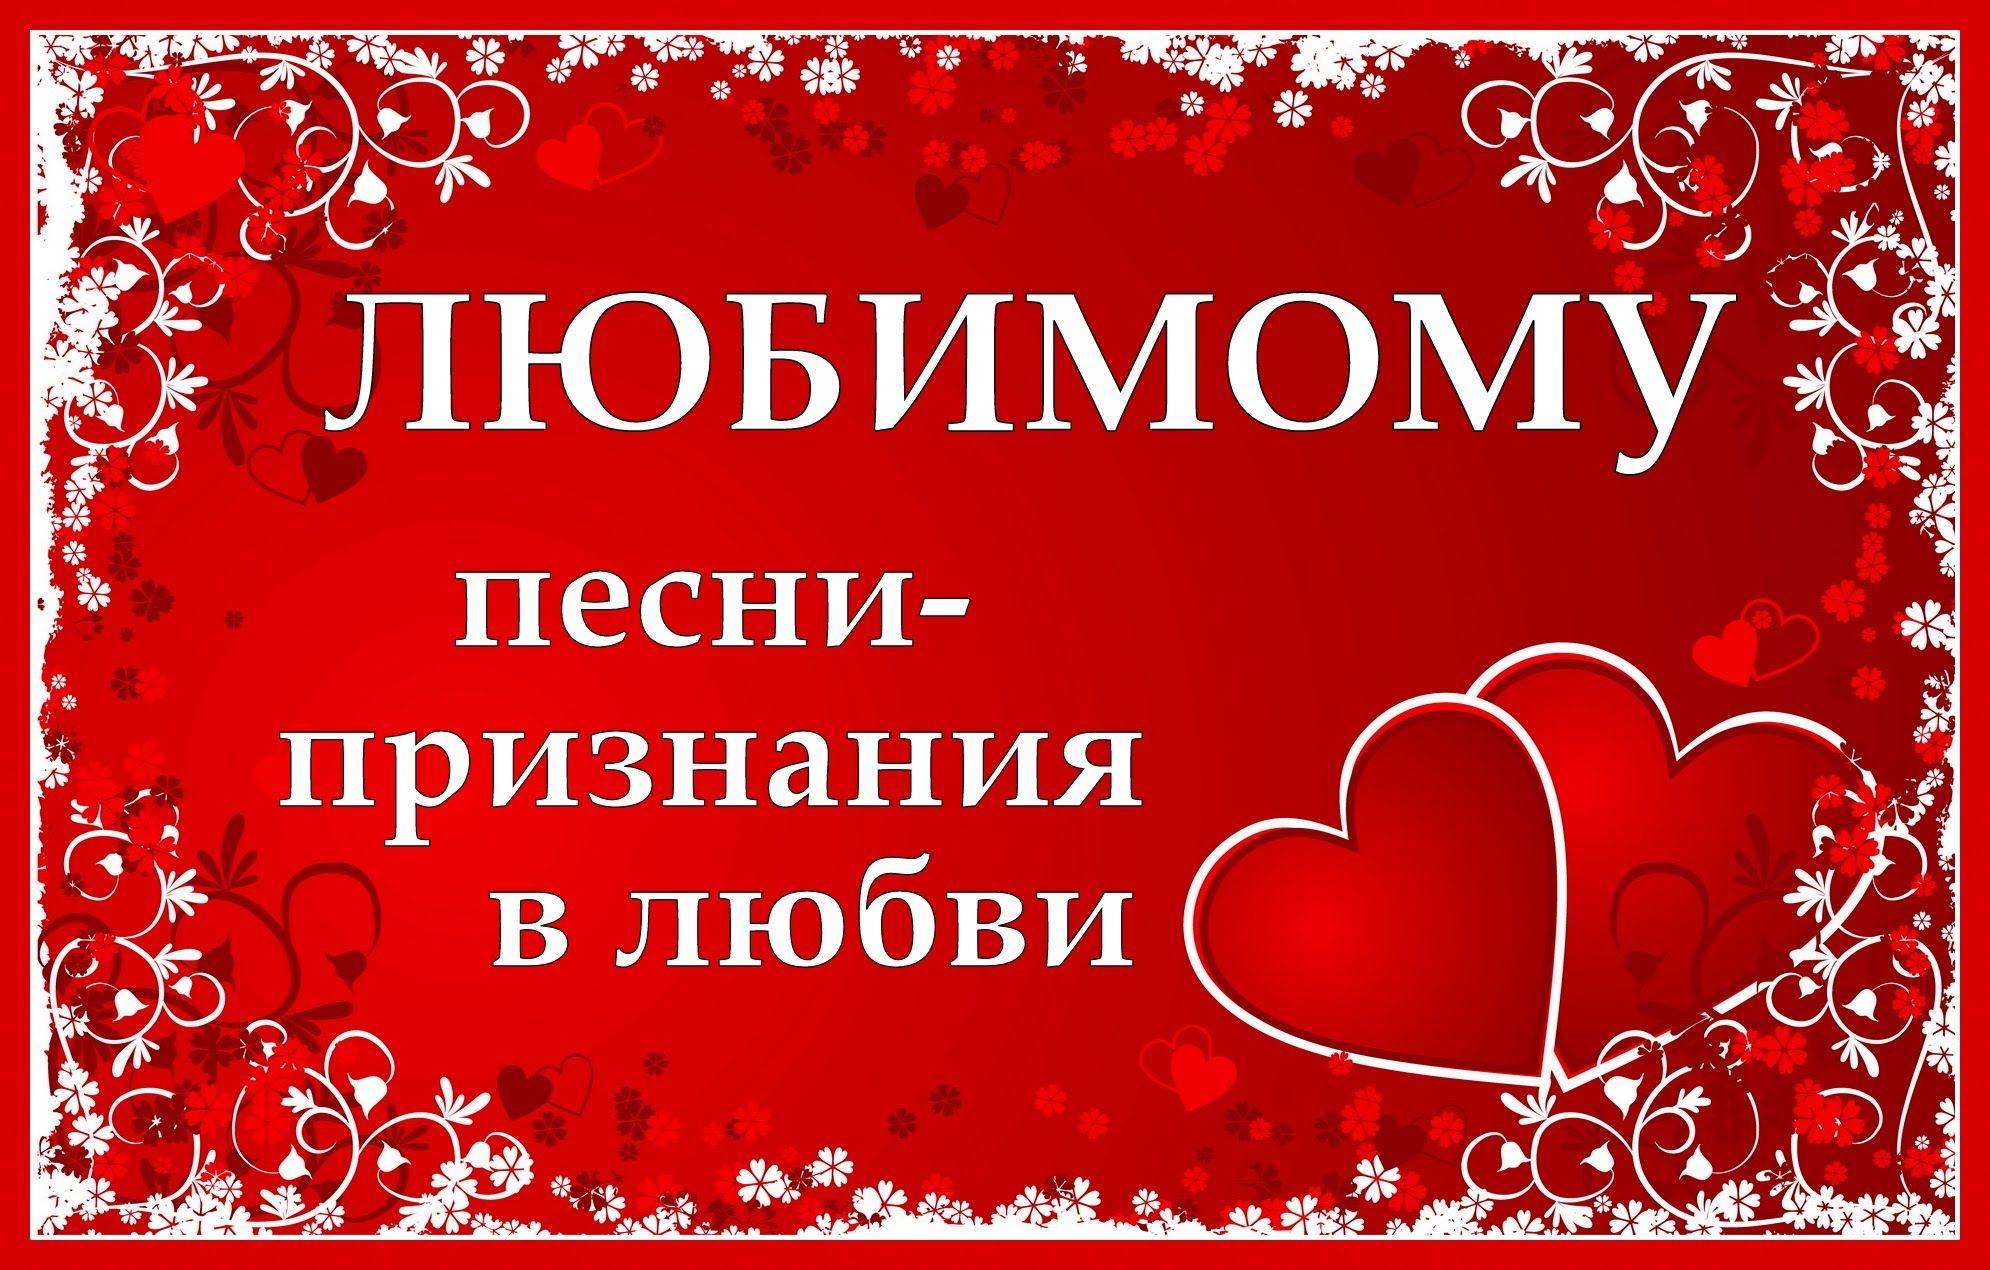 Дня, видео открытку признания в любви